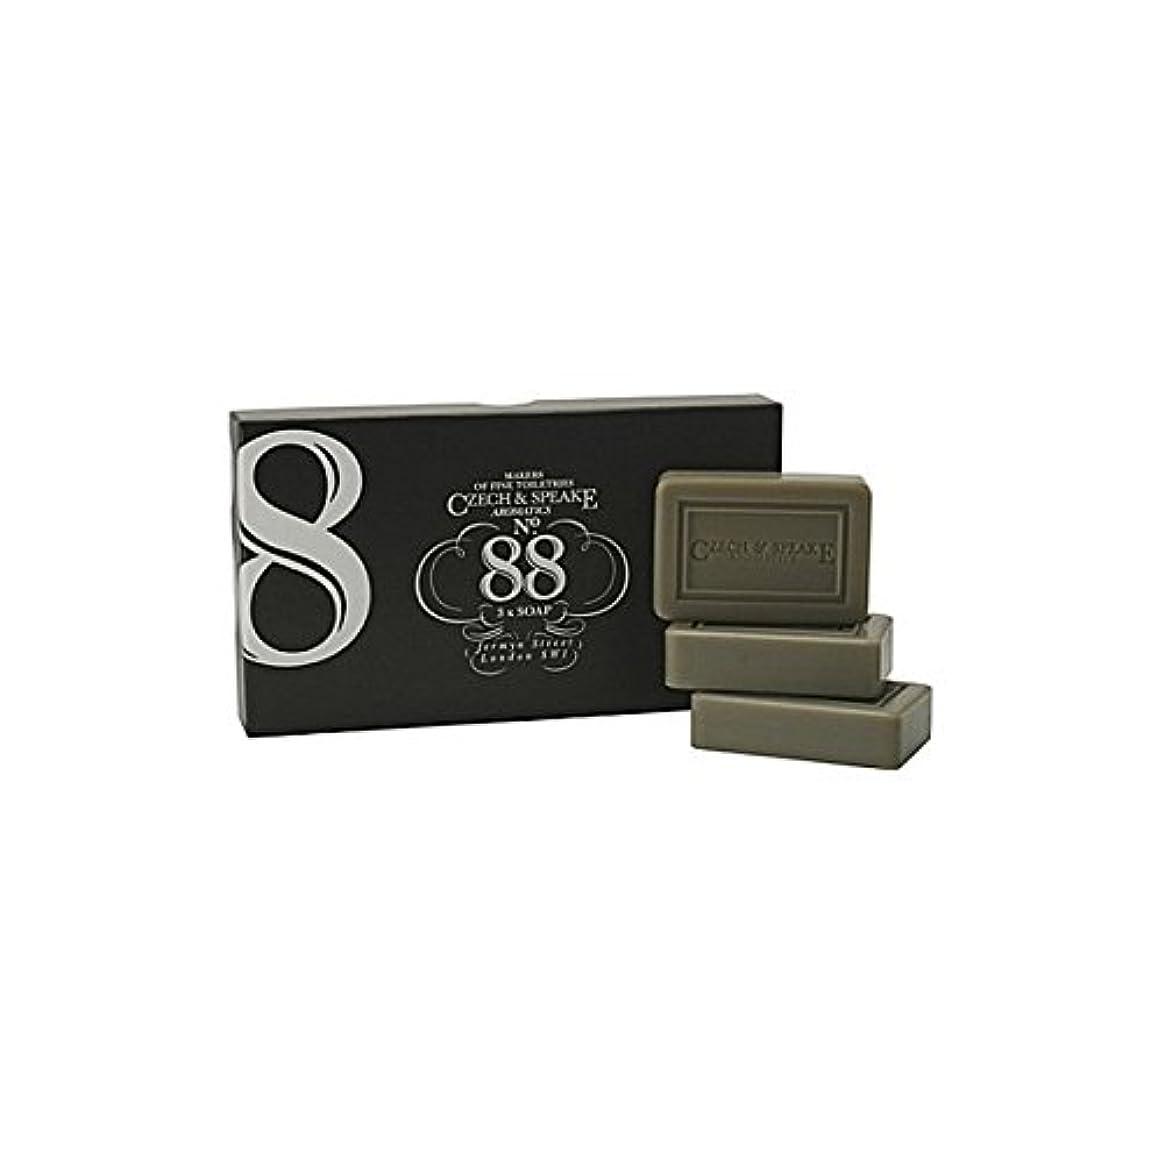 オーガニック生物学バルブチェコ&スピーク.88ソープセット x2 - Czech & Speake No.88 Soap Set (Pack of 2) [並行輸入品]